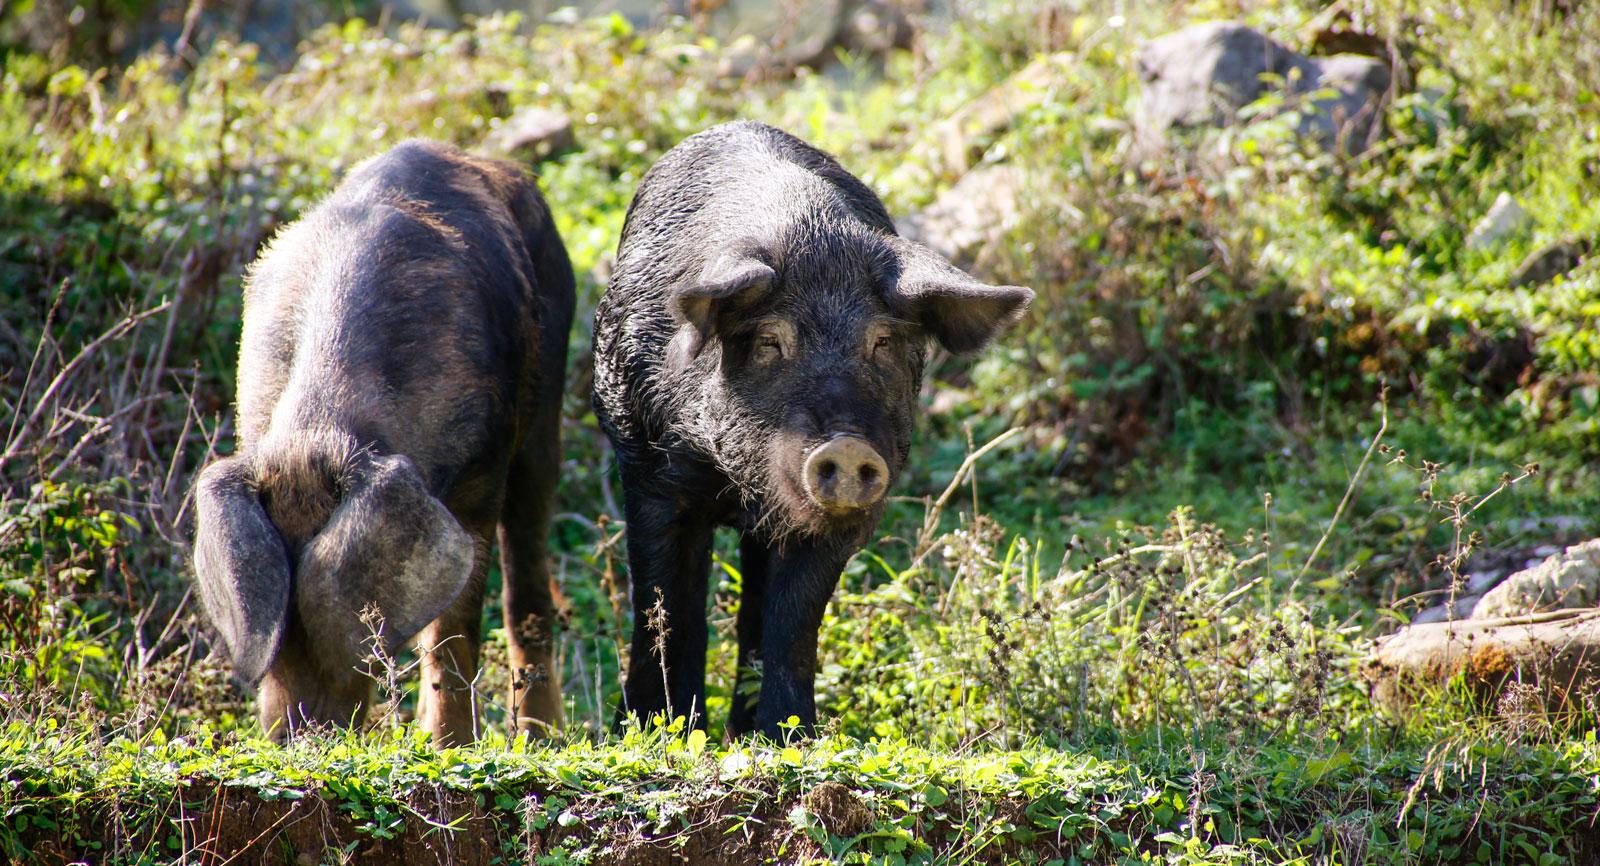 Man ser grisar i varenda by, djur som hjälper till att mota fattigdomen i dörren.